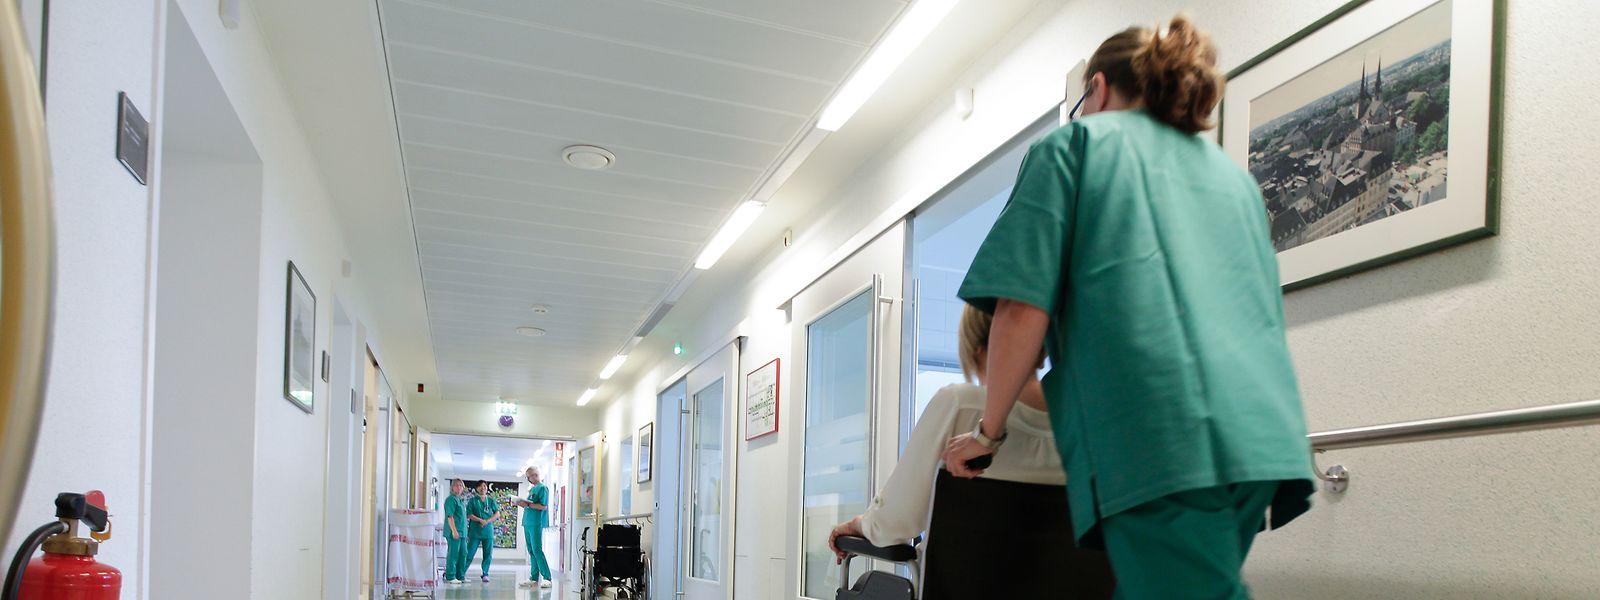 Selon les derniers chiffres communiqués par le ministère de la Santé, la part de personnel infirmier étranger est plus importante que celle des Luxembourgeois.